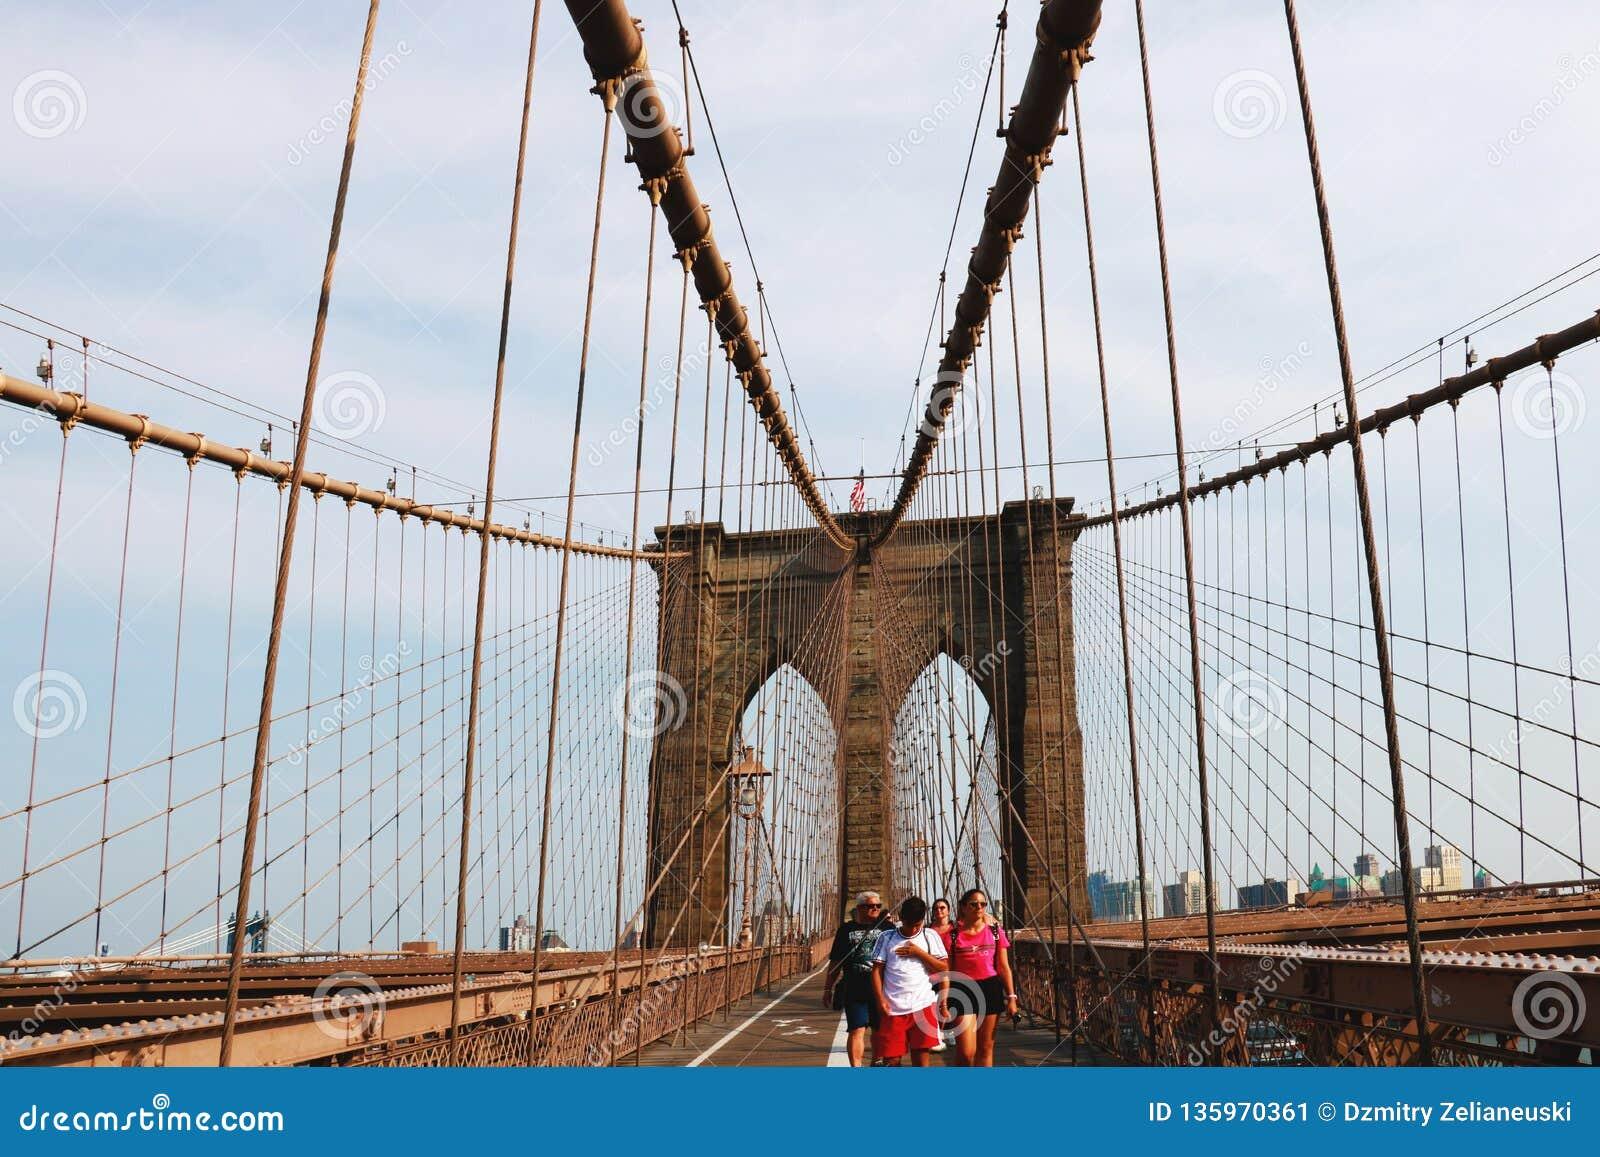 Nueva York, los E.E.U.U. - 2 de septiembre de 2018: Paseo del puente de Brooklyn